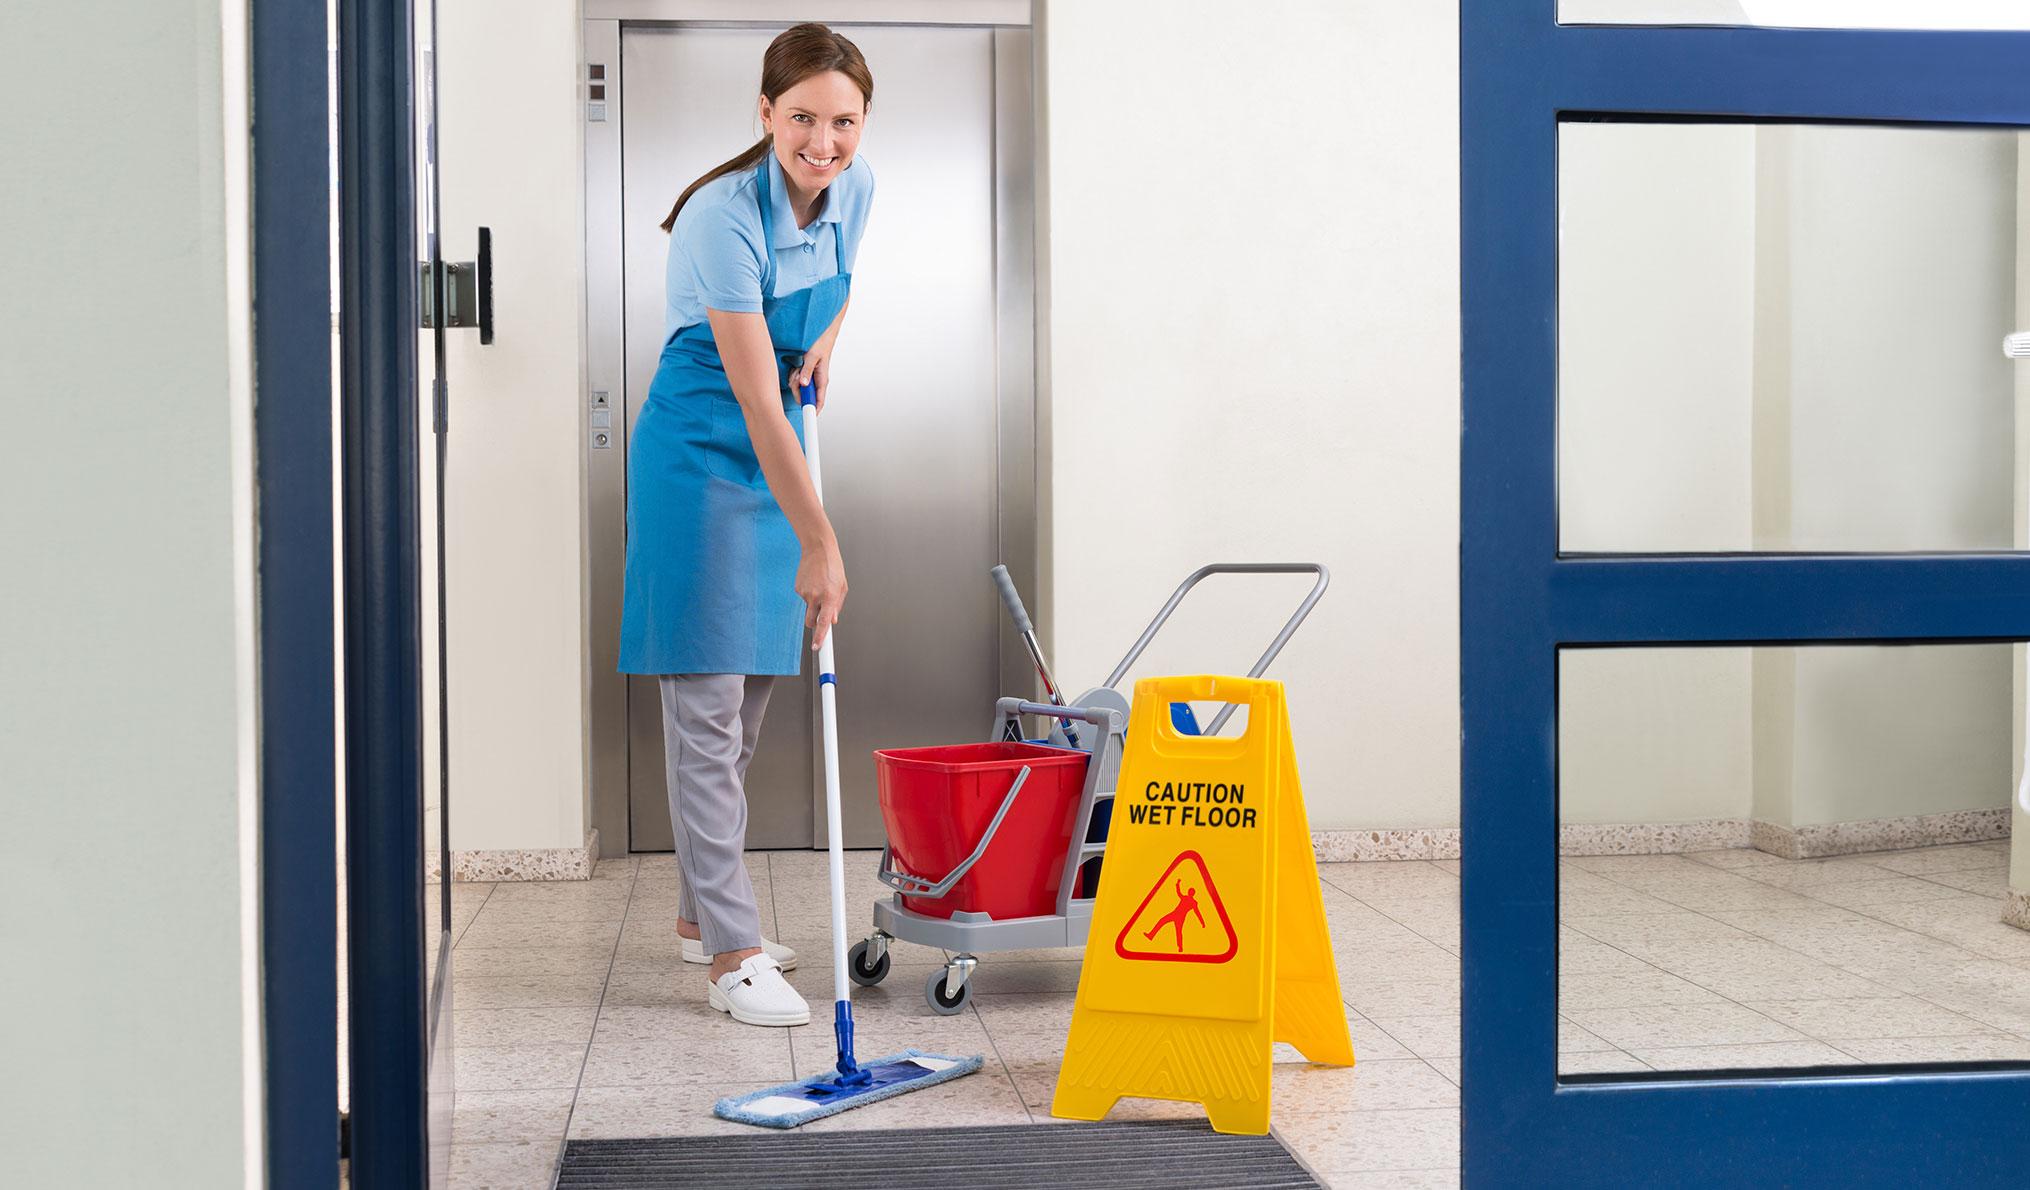 Reinigungsdienste - Kehrwochendienst